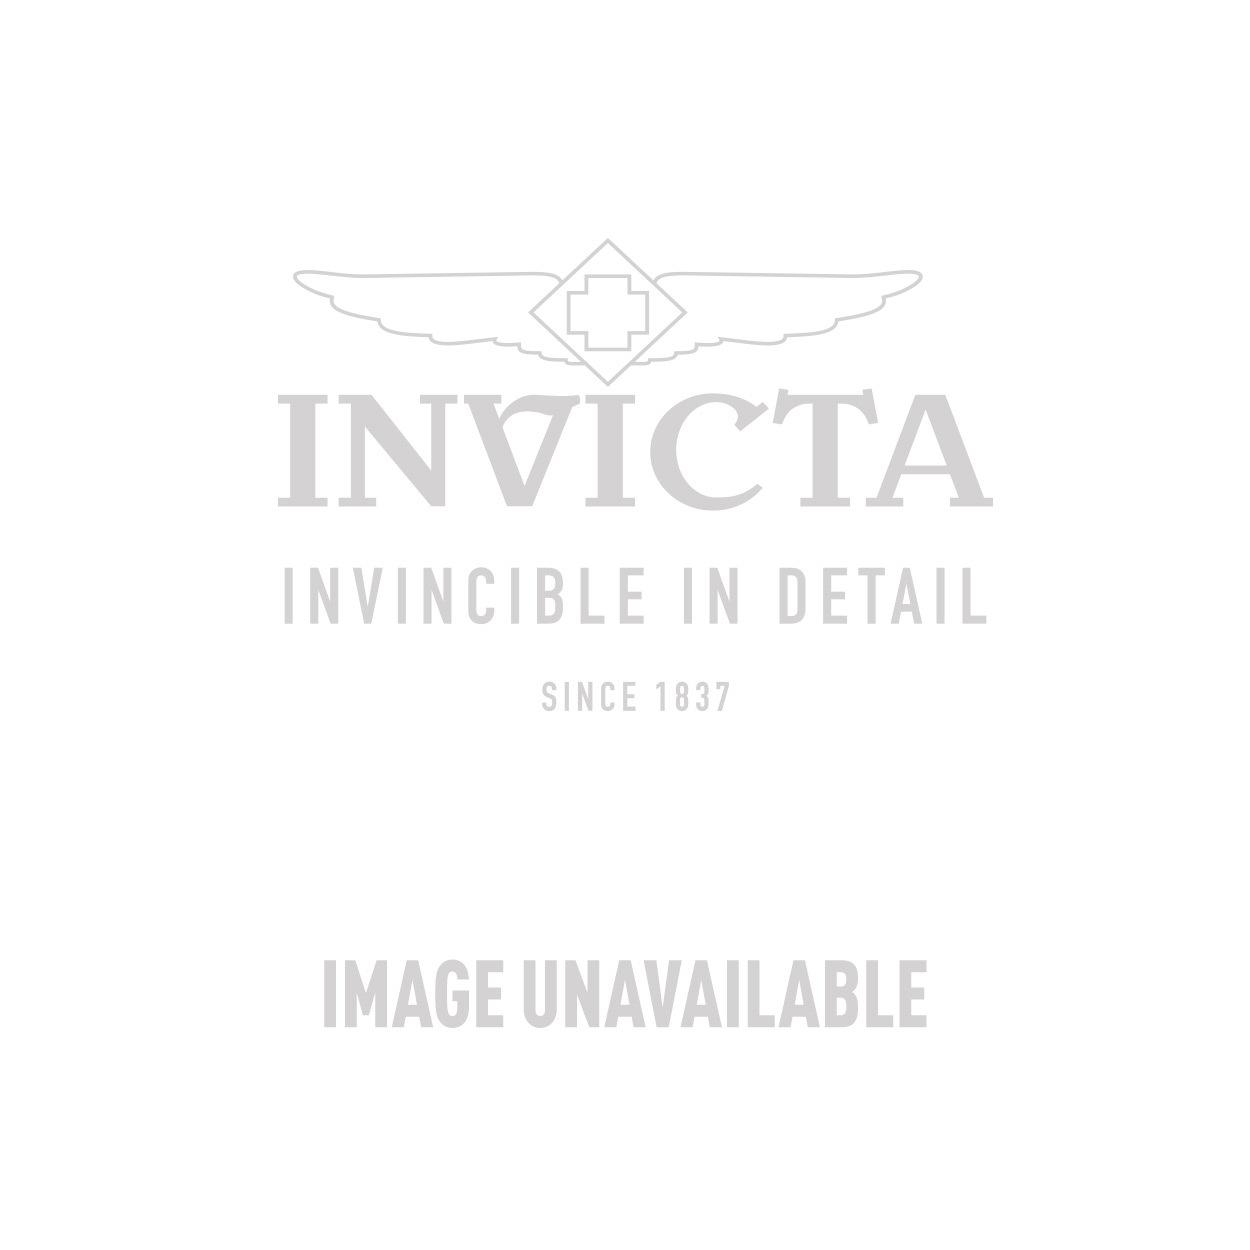 Invicta Model 27942